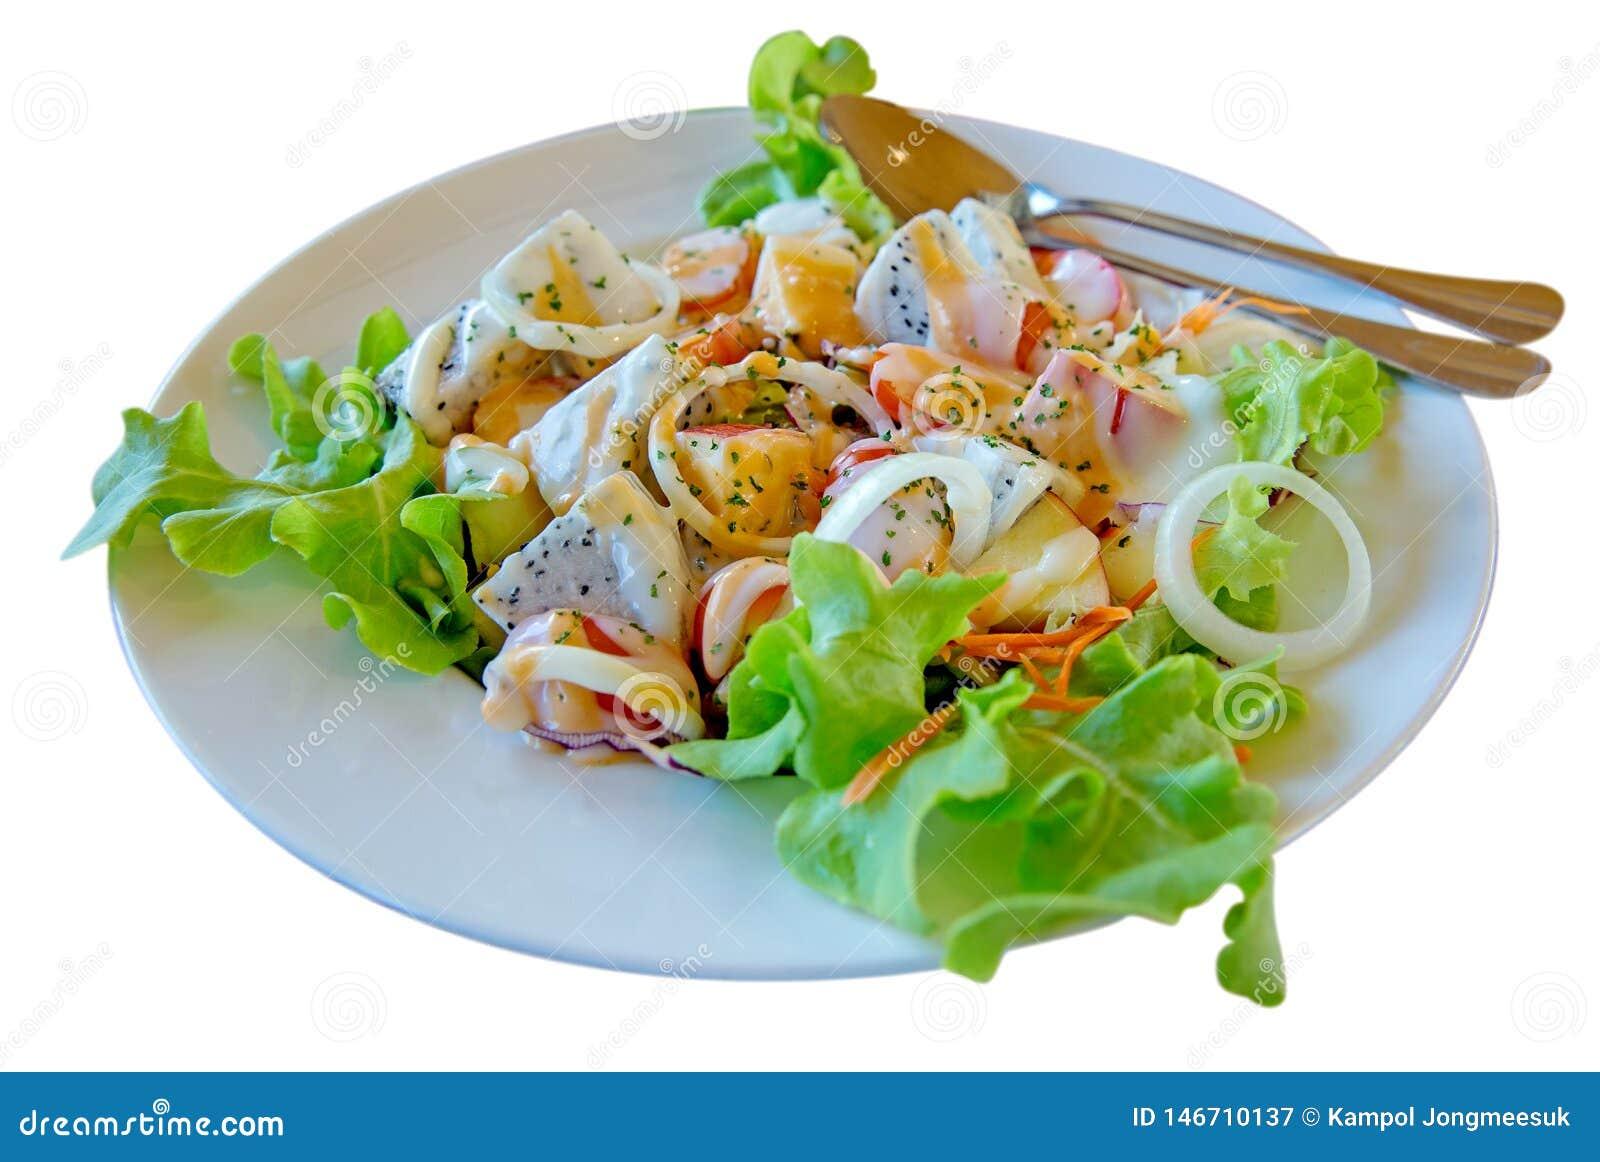 Το πράσινες βουτύρου λαχανικό μαρουλιού και η κρέμα σαλάτας φρούτων μιγμάτων, στρέφουν εκλεκτικό